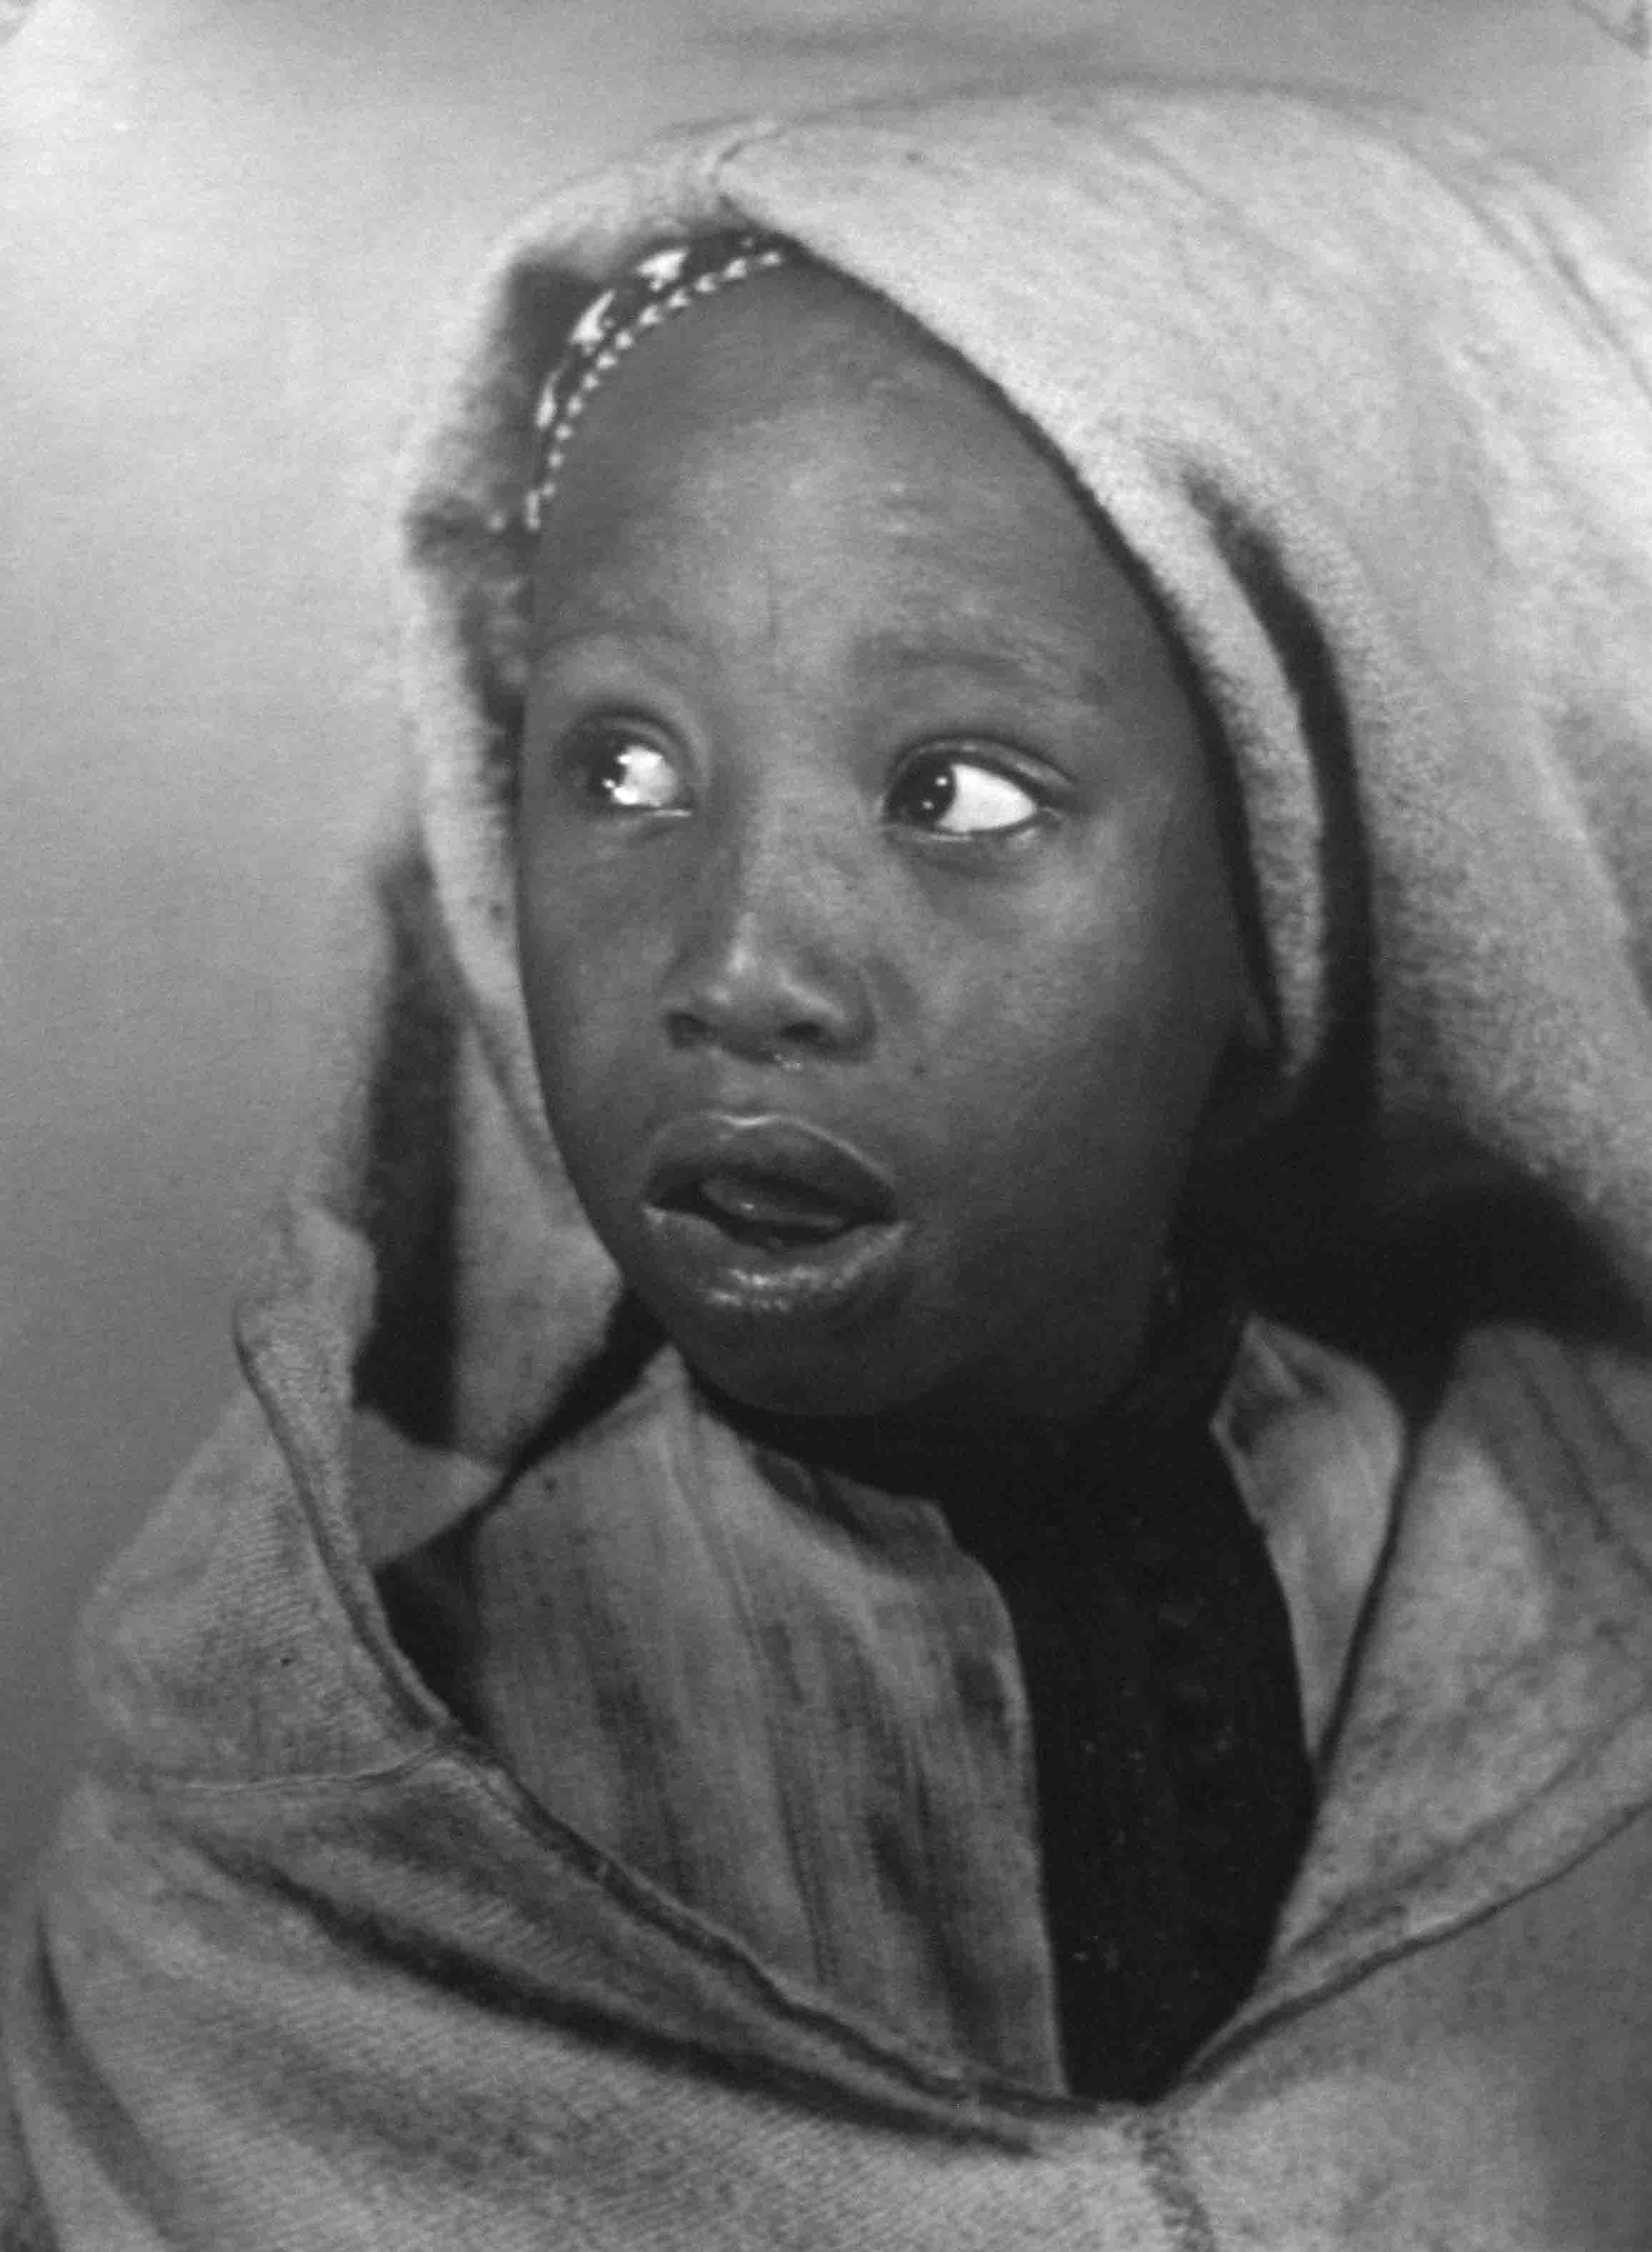 Mocoso marroquí. Marruecos, 1942<br/>Gelatina de plata / Silver gelatin print